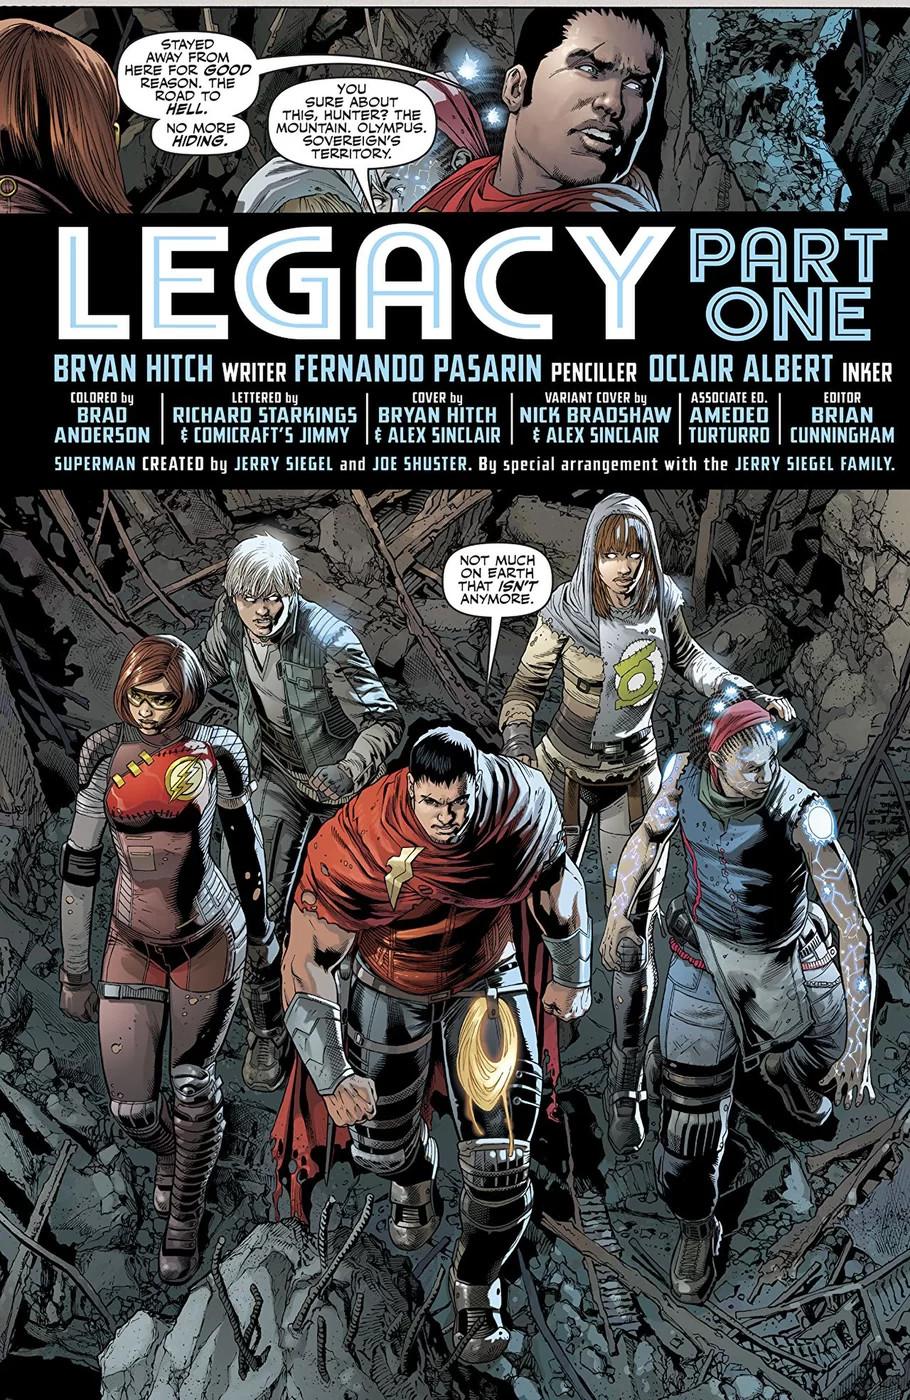 Os filhos da Liga da Justiça - Preview de Justice League #26